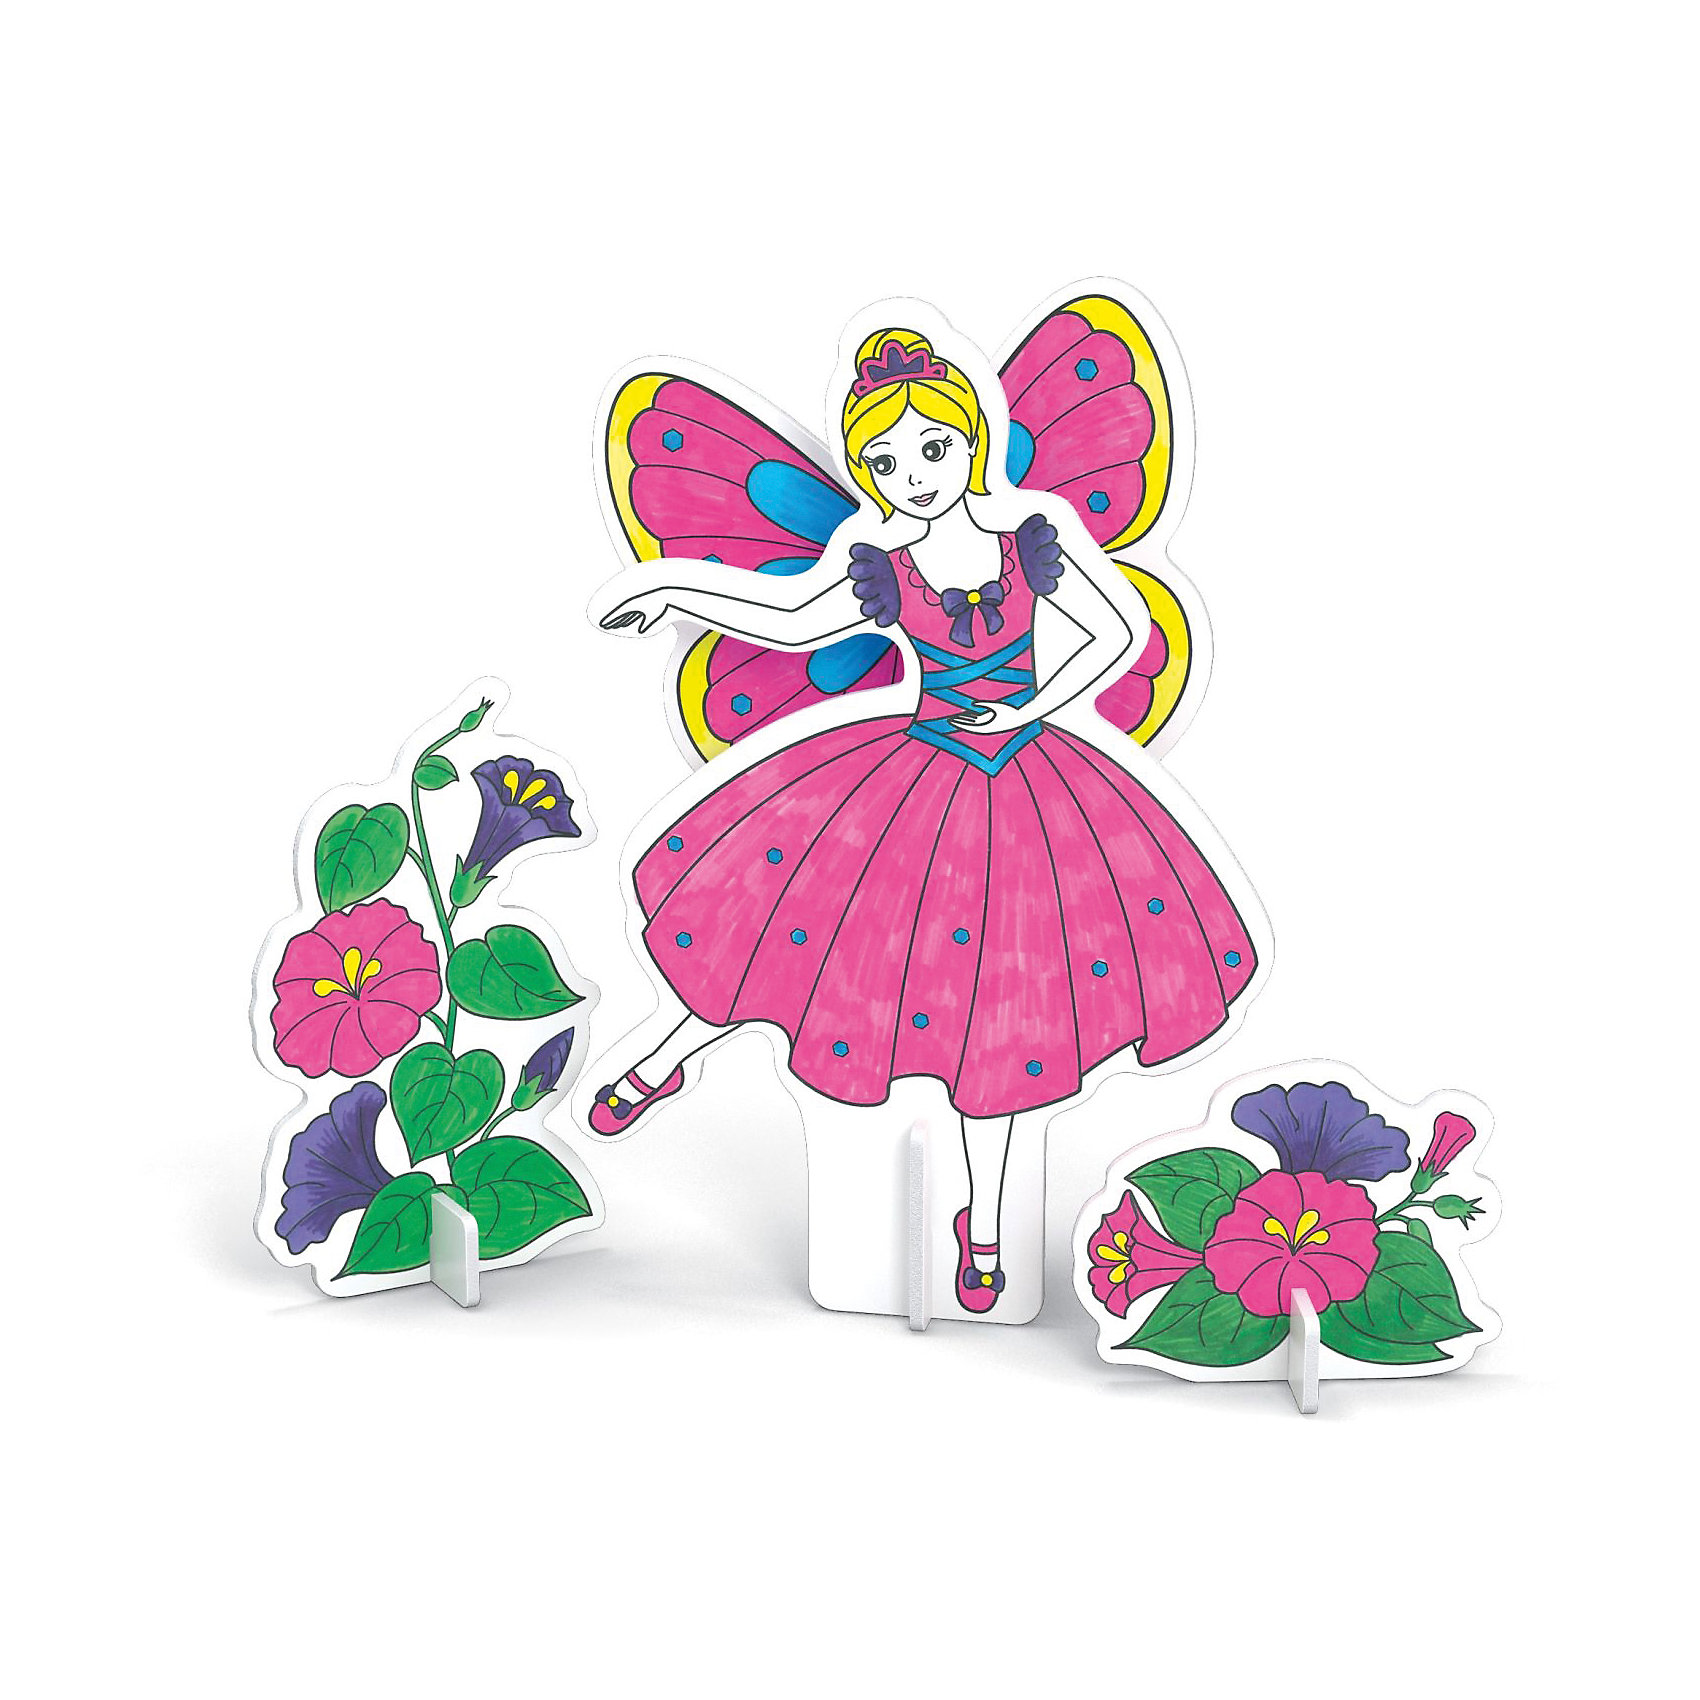 3D Раскраска Фея танца, ArtberryНаборы для раскрашивания<br>С помощью набора 3D Раскраска Фея танца, Artberry (Артберри) Вашей девочке предстоит собрать и разукрасить фигурку танцующей феи с крыльями в пышном платье, создав оригинальный аксессуар. Сборка объемной модели феи не потребует клея и ножниц. Творческий процесс развивает усидчивость, моторику пальцев, терпение, трудолюбие и творческие способности.<br><br>Комплектация: 6 разноцветных фломастеров, 2 карты с фигурами для сборки<br><br>Дополнительная информация:<br>-Вес в упаковке: 243 г<br>-Размеры в упаковке: 300х230х25 мм<br>-Материалы: картон, пластмасса, чернила<br><br>Такой творческий набор станет отличным подарком, который доставит настоящую радость детям и откроет новые возможности для развития творческих способностей Вашего ребенка!<br><br>3D Раскраска Фея танца, Artberry (Артберри) можно купить в нашем магазине.<br><br>Ширина мм: 300<br>Глубина мм: 230<br>Высота мм: 25<br>Вес г: 243<br>Возраст от месяцев: 36<br>Возраст до месяцев: 144<br>Пол: Унисекс<br>Возраст: Детский<br>SKU: 4058311